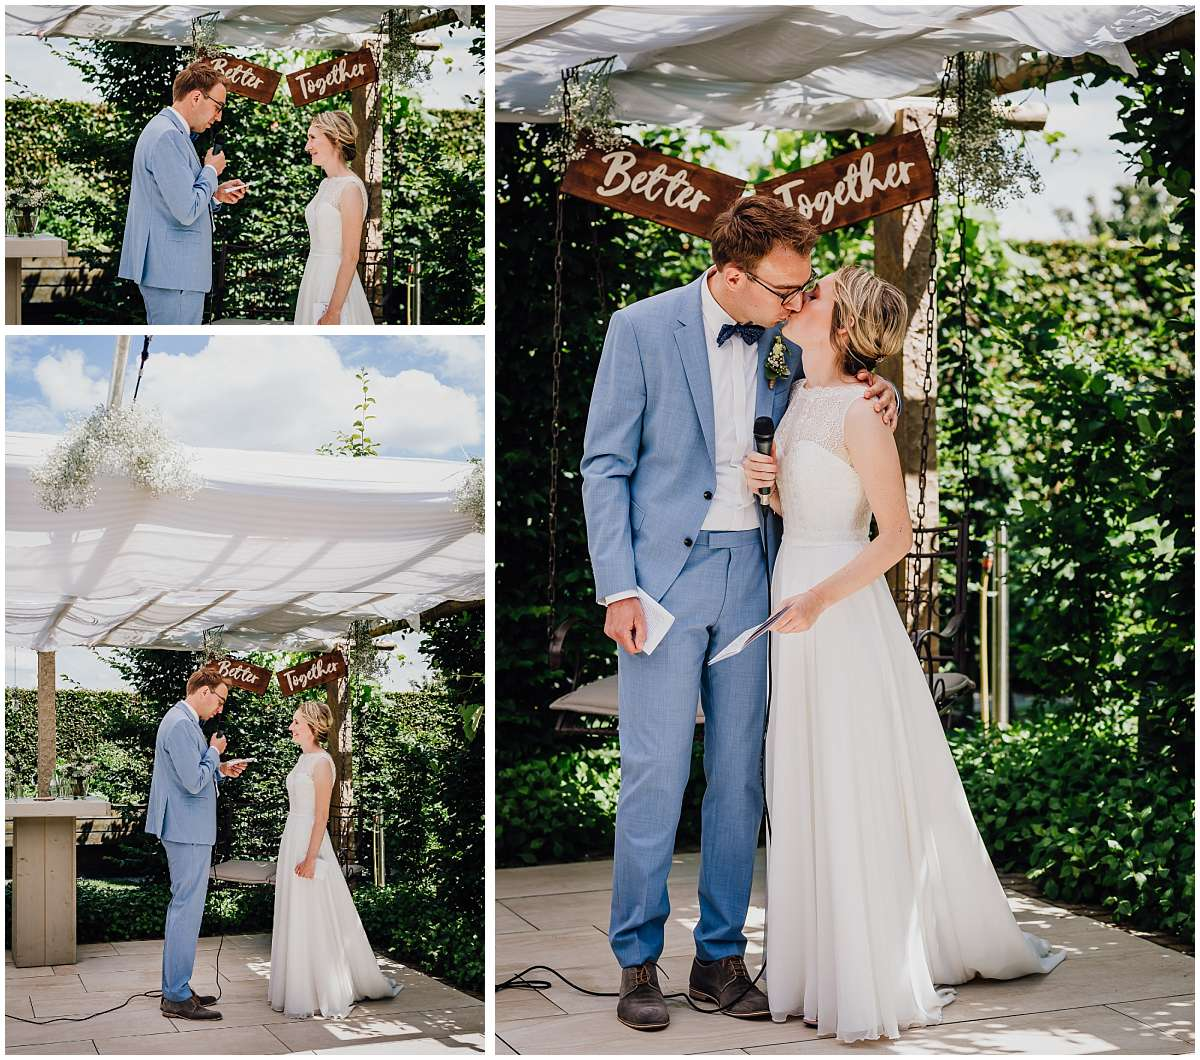 DIY Gartenhochzeit mit freier Trauung im Münsterland - Hochzeit feiern in Zeiten von Corona